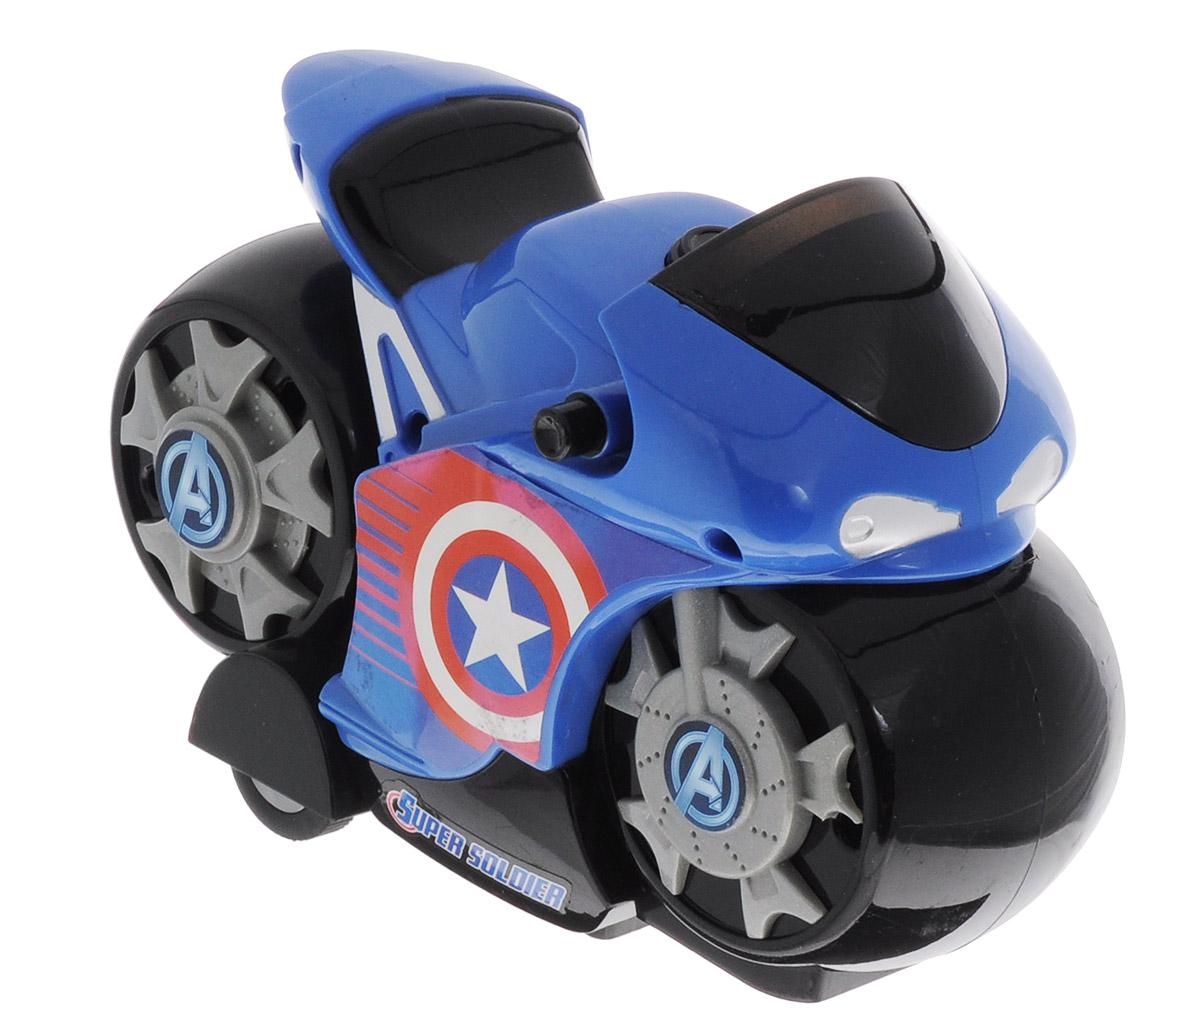 Avengers Мотоцикл инерционный Captain America5073_синийИнерционный мотоцикл Avengers Captain America подойдет для самых юных поклонников знаменитых героев Marvel. Несмотря на несколько мультяшный дизайн, в мотоцикле прекрасно узнается персонаж, которому он предназначен: синий с эмблемой сбоку для персонажа Капитана Америки. Мотоцикл оснащен инерционным механизмом и световыми эффектами. Порадуйте свое драгоценное чадо столь интересным, занимательным и развлекательным подарком. Рекомендуется докупить 3 батарейки напряжением 1,5V типа AG13 (товар комплектуется демонстрационными).